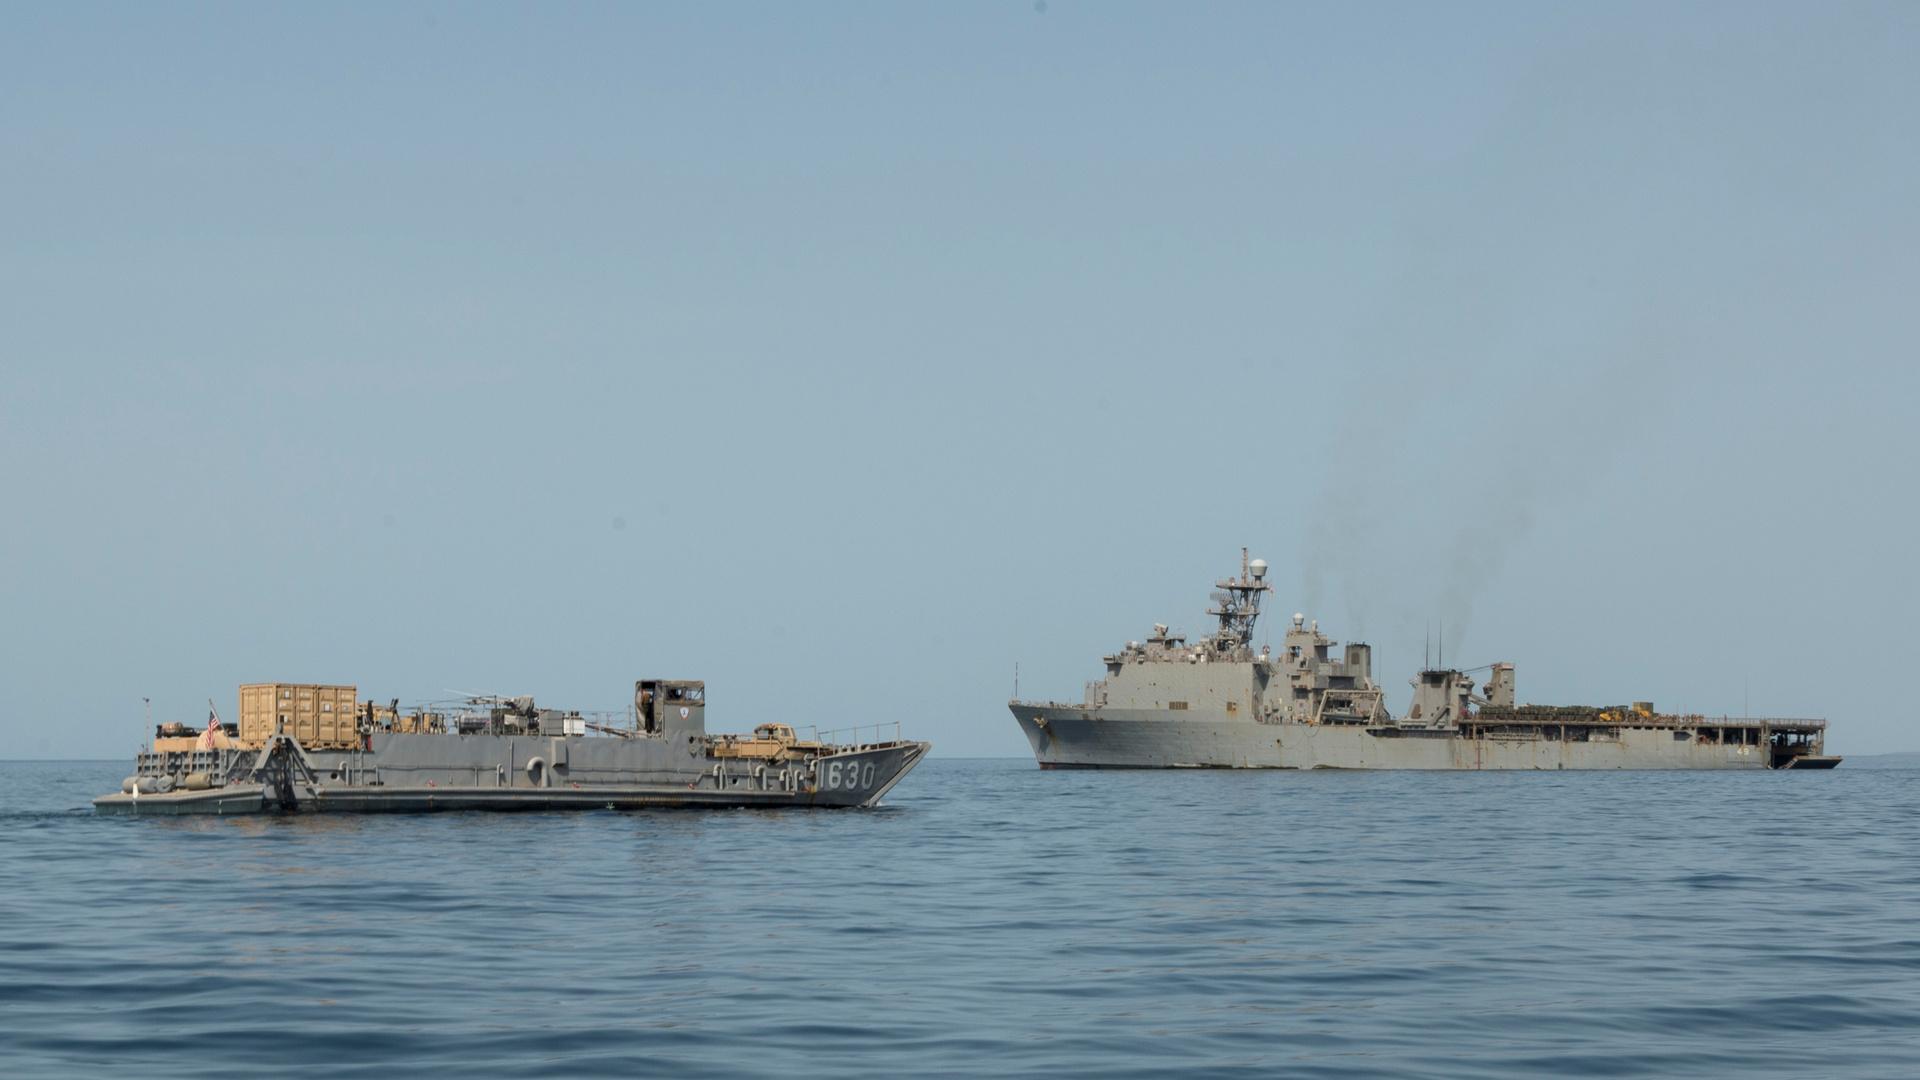 مناورة بحرية مشتركة بين كوريا الجنوبية والاتحاد الأوروبي وسلطنة عمان لمكافحة القرصنة